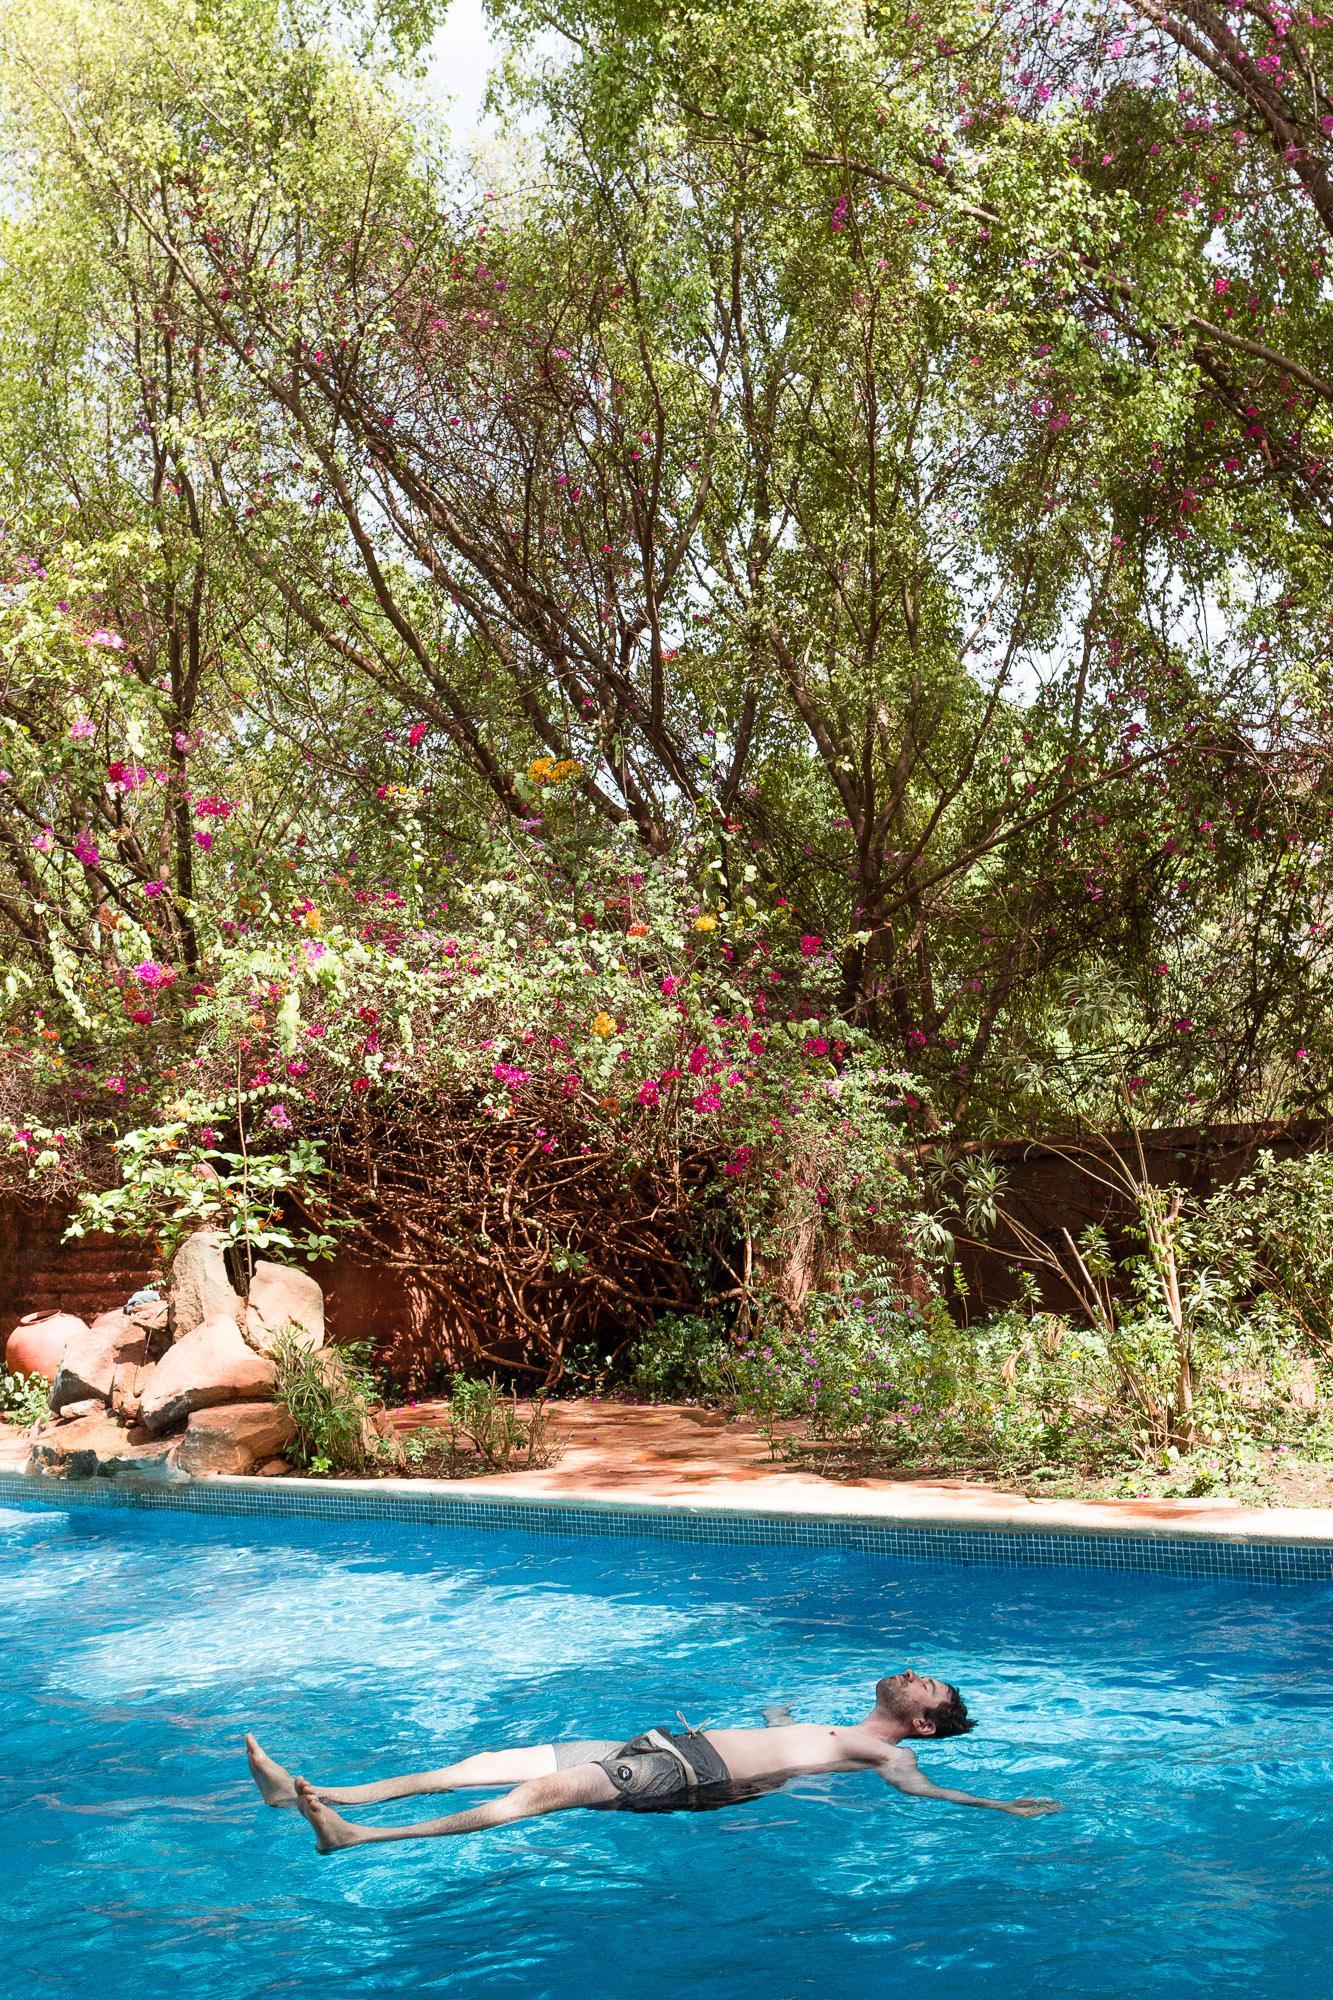 Farniente dans la piscine de l'Hôtel Canne à Sucre, Banfora, Burkina Faso